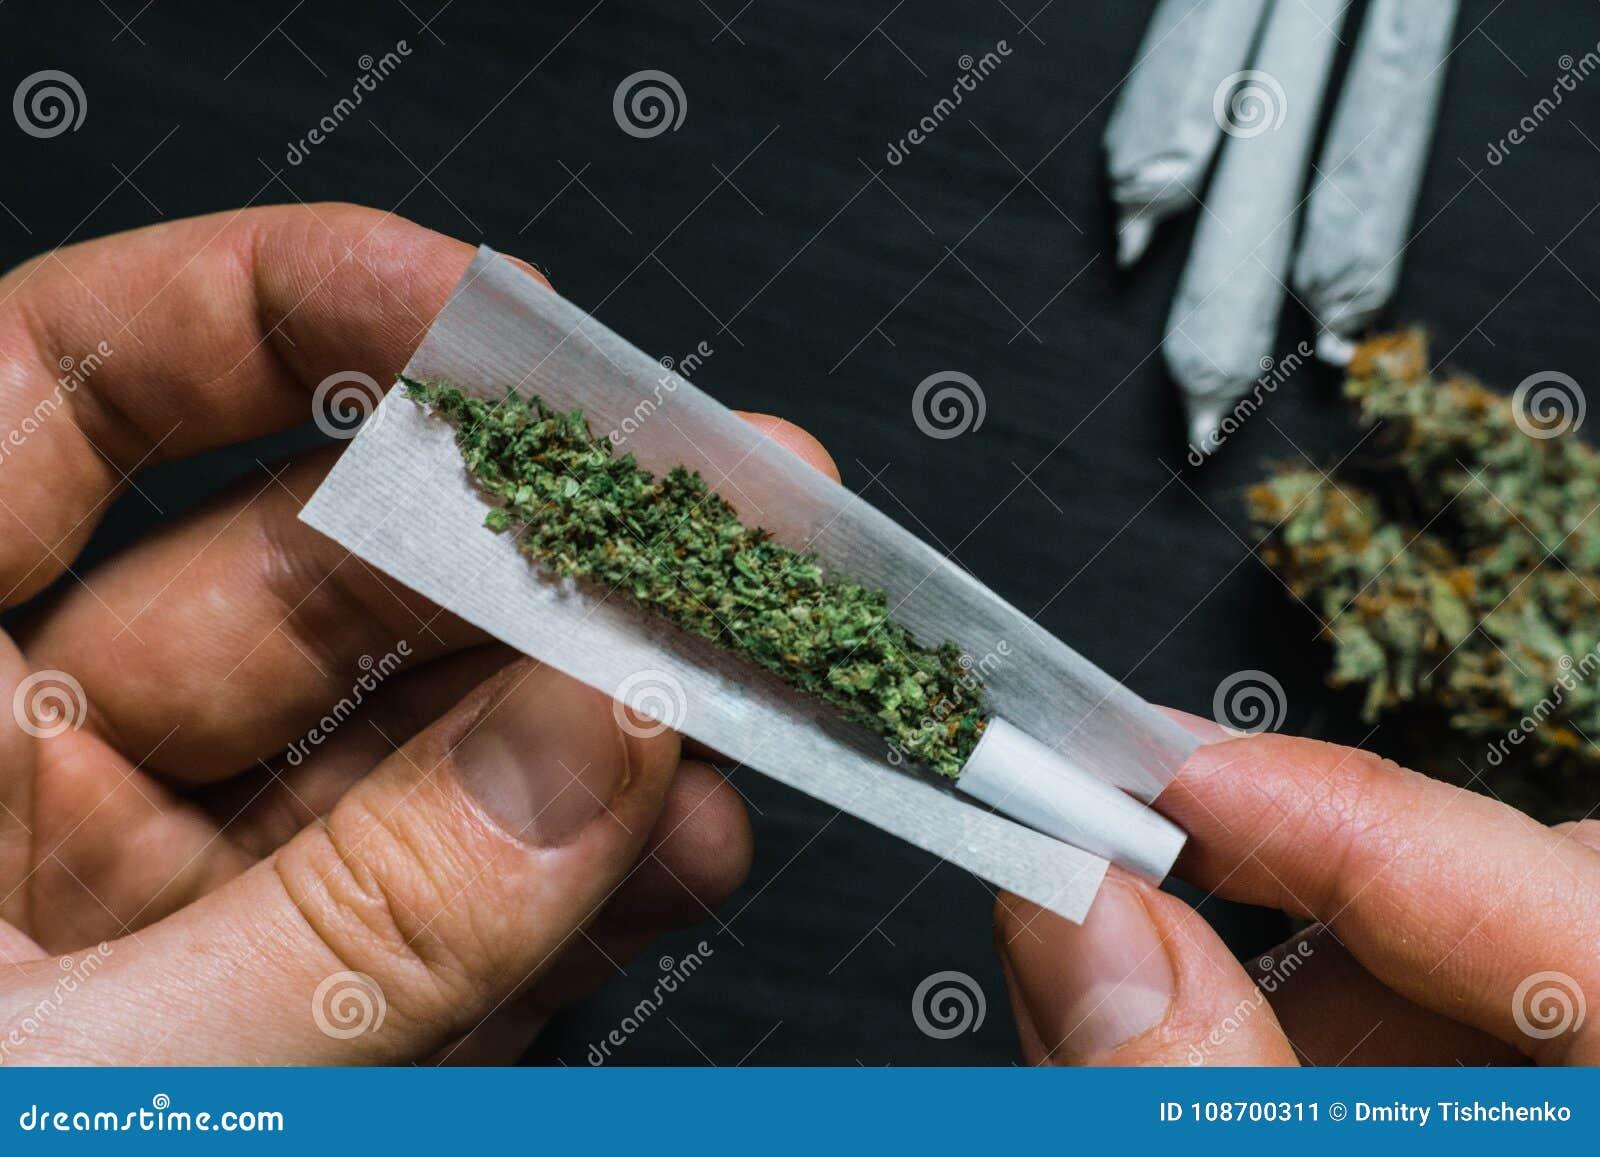 Курить коноплю перед зачатием обрезать листья конопли